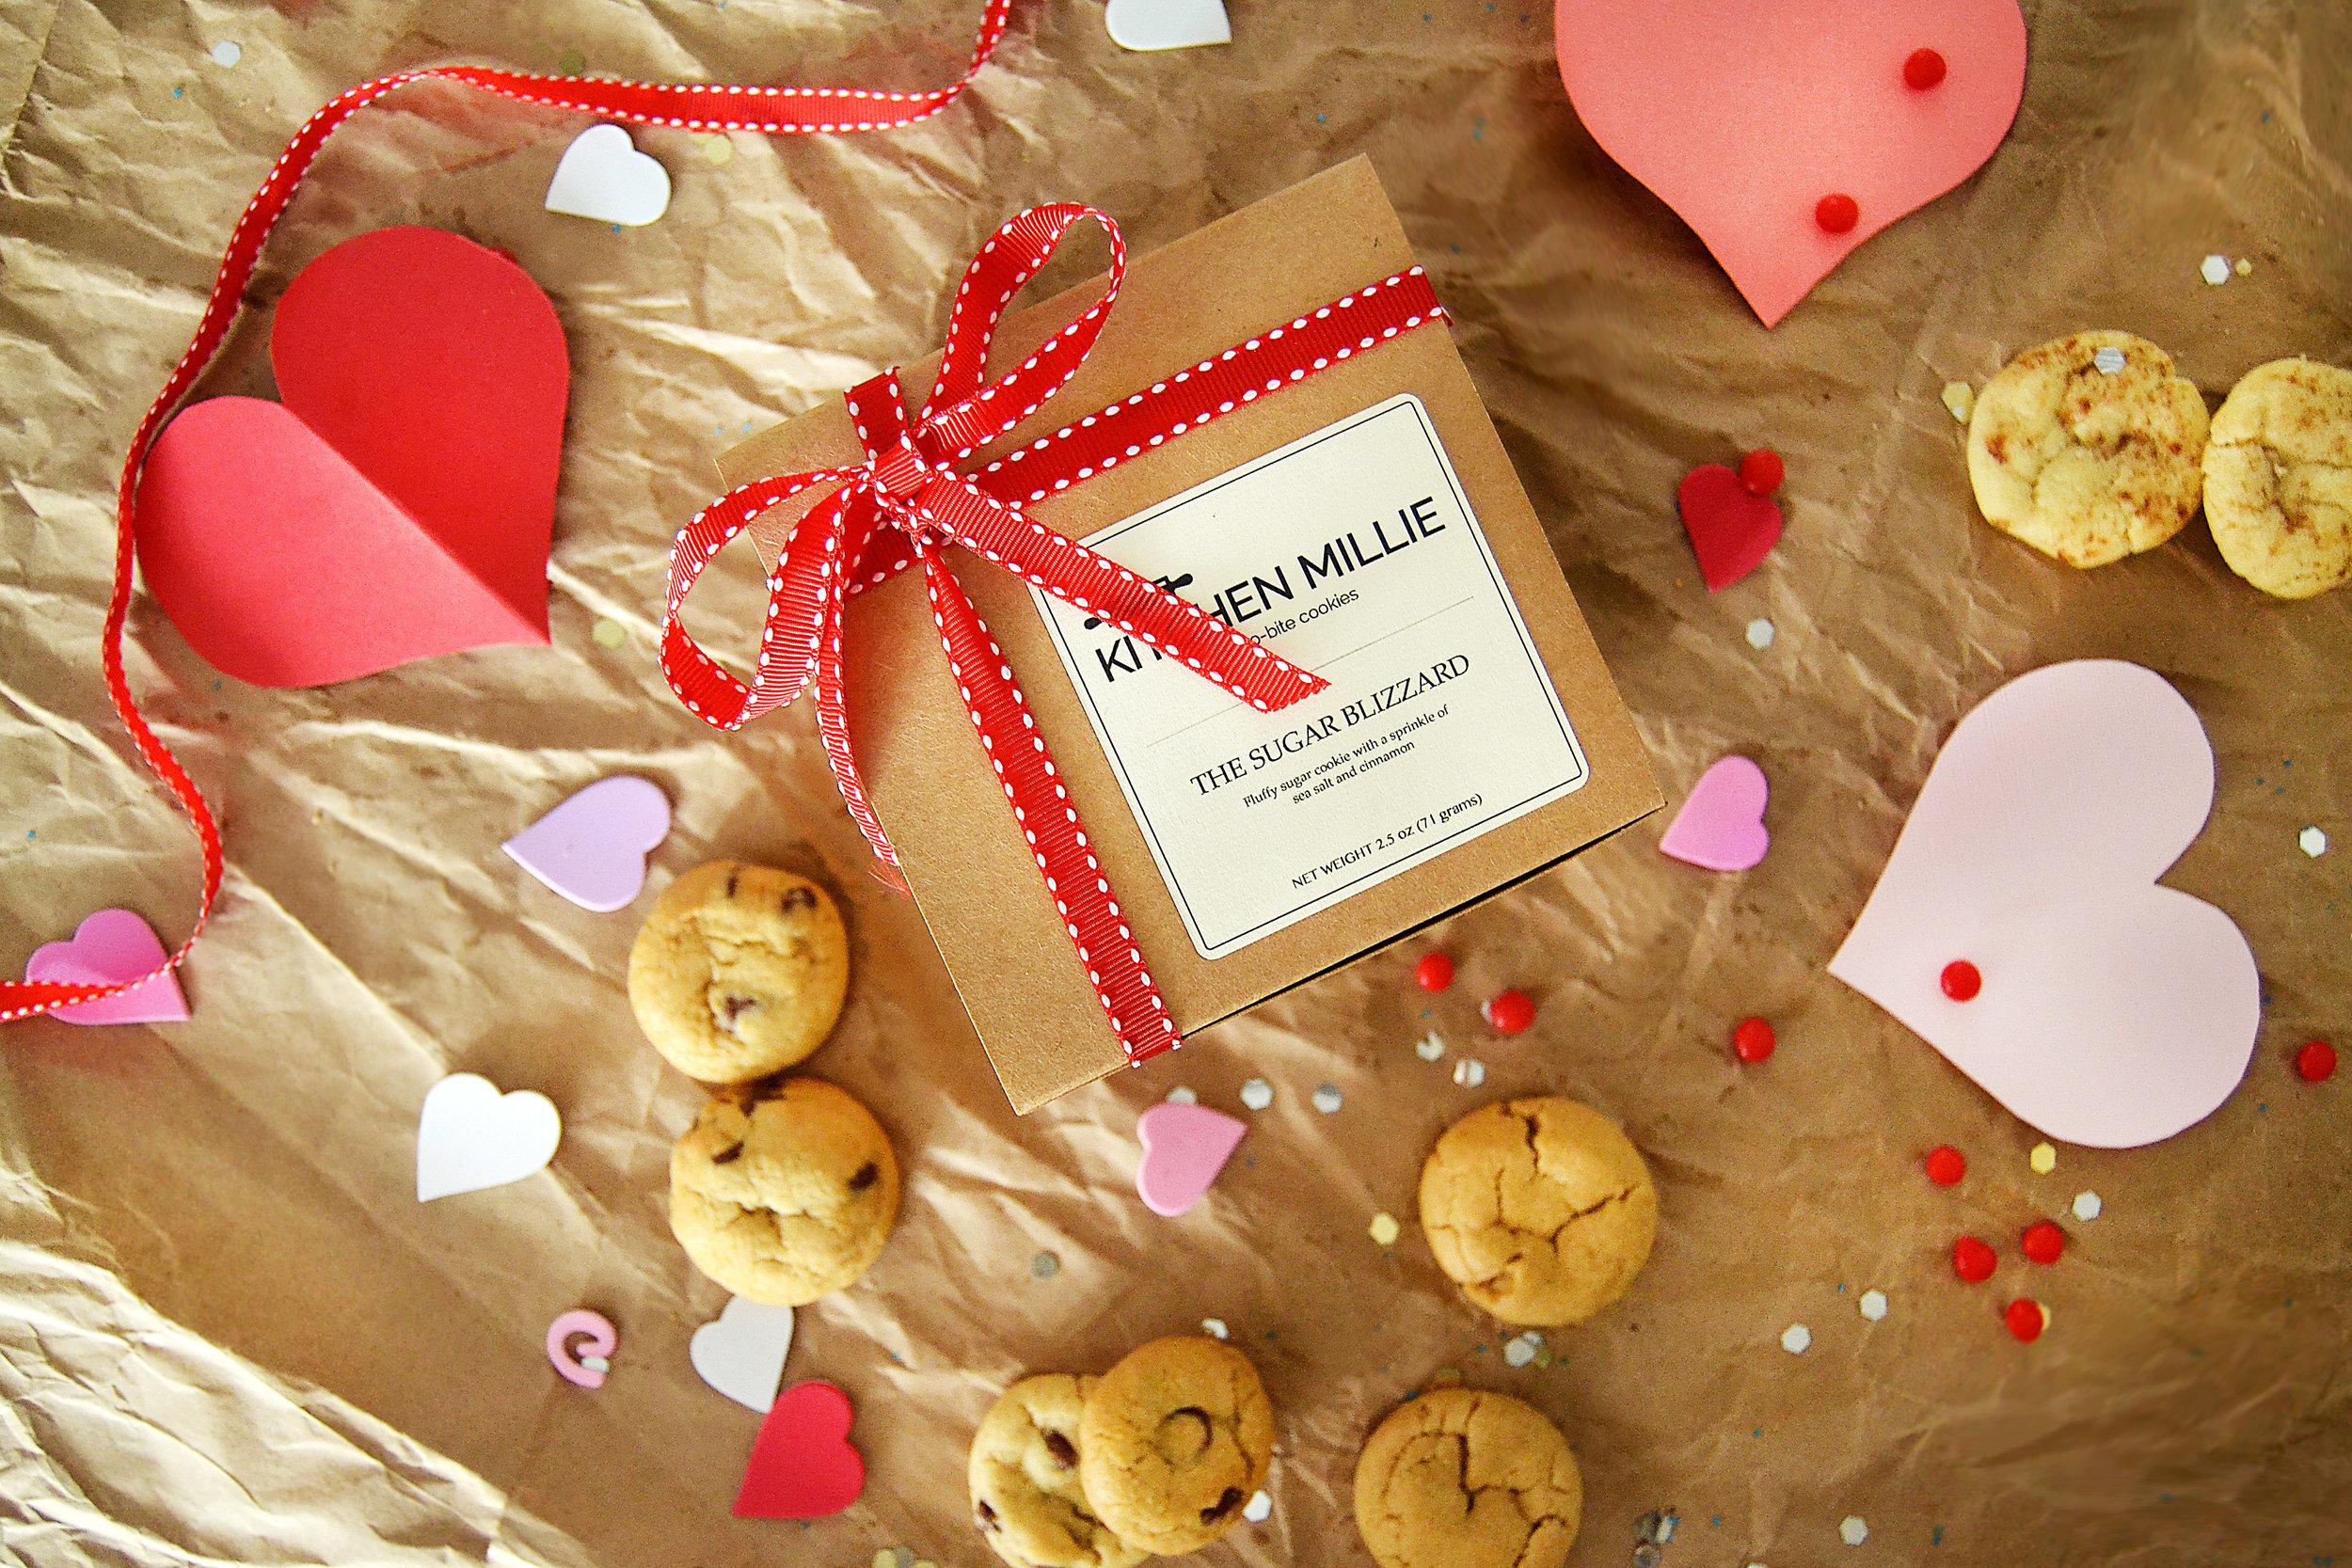 Kitchen Millie Valentine's Day Cookies.jpg